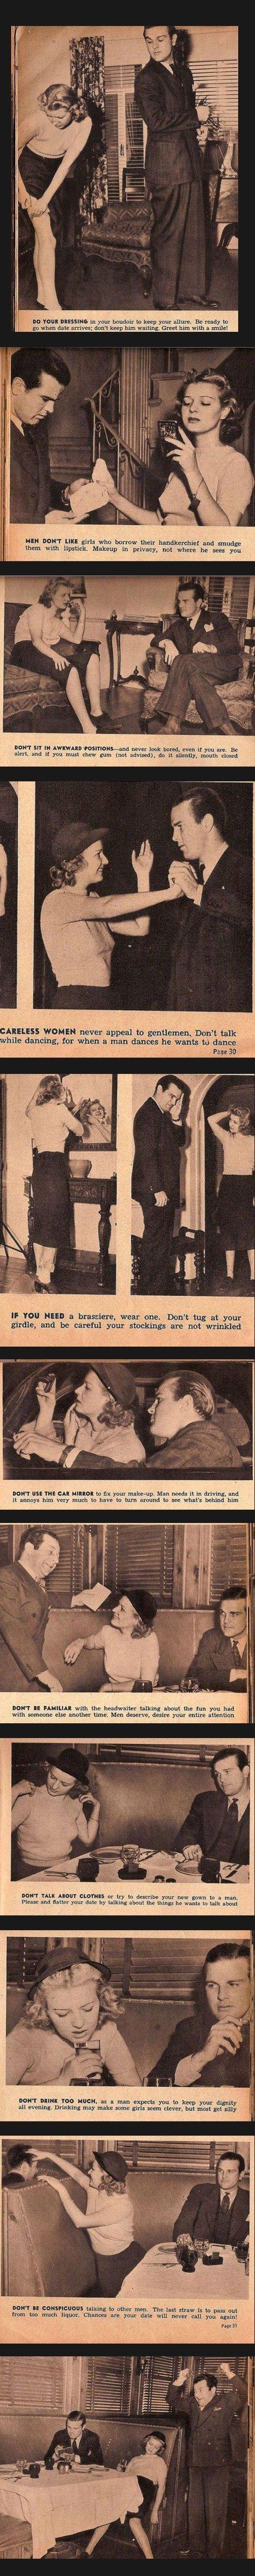 Vintage Dating Tips Gay dejtingsajt i oss